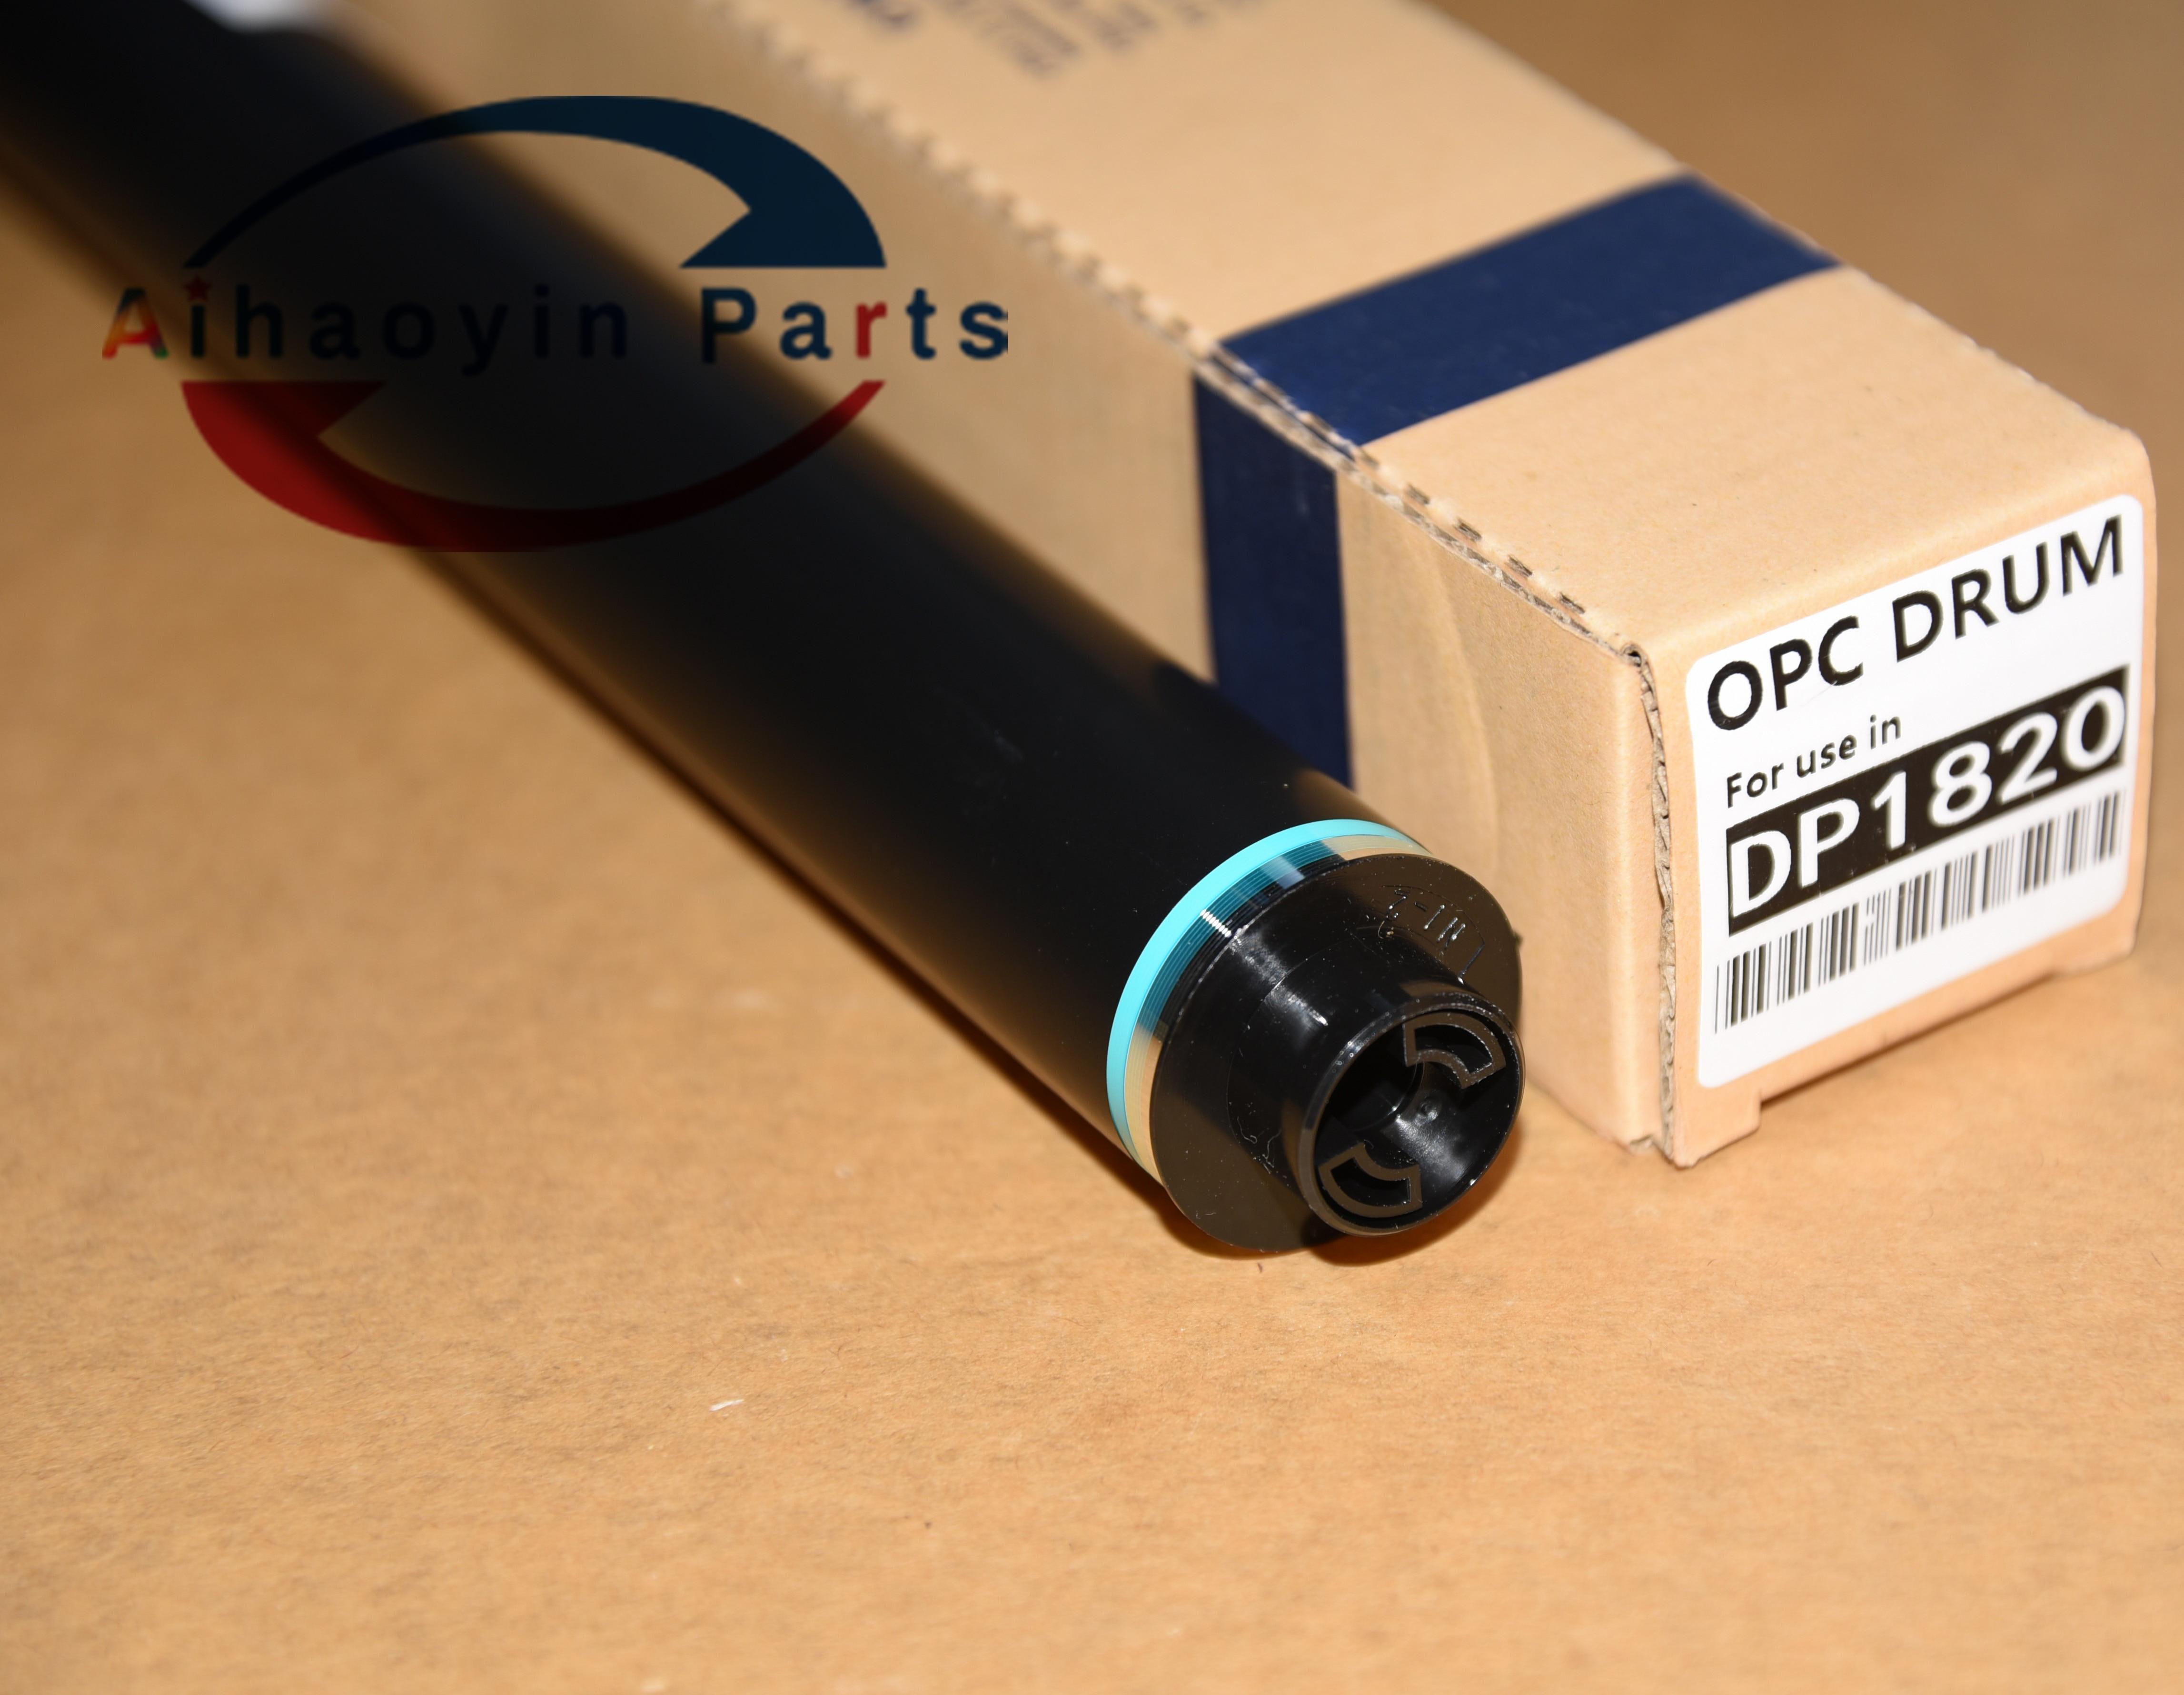 2pcs OPC drum For Panasonic DP 1820 1515 1520 8020 8016 Printer supplies spare parts DP1820 DP1515 DP1520 DP8020 DP8016 machine